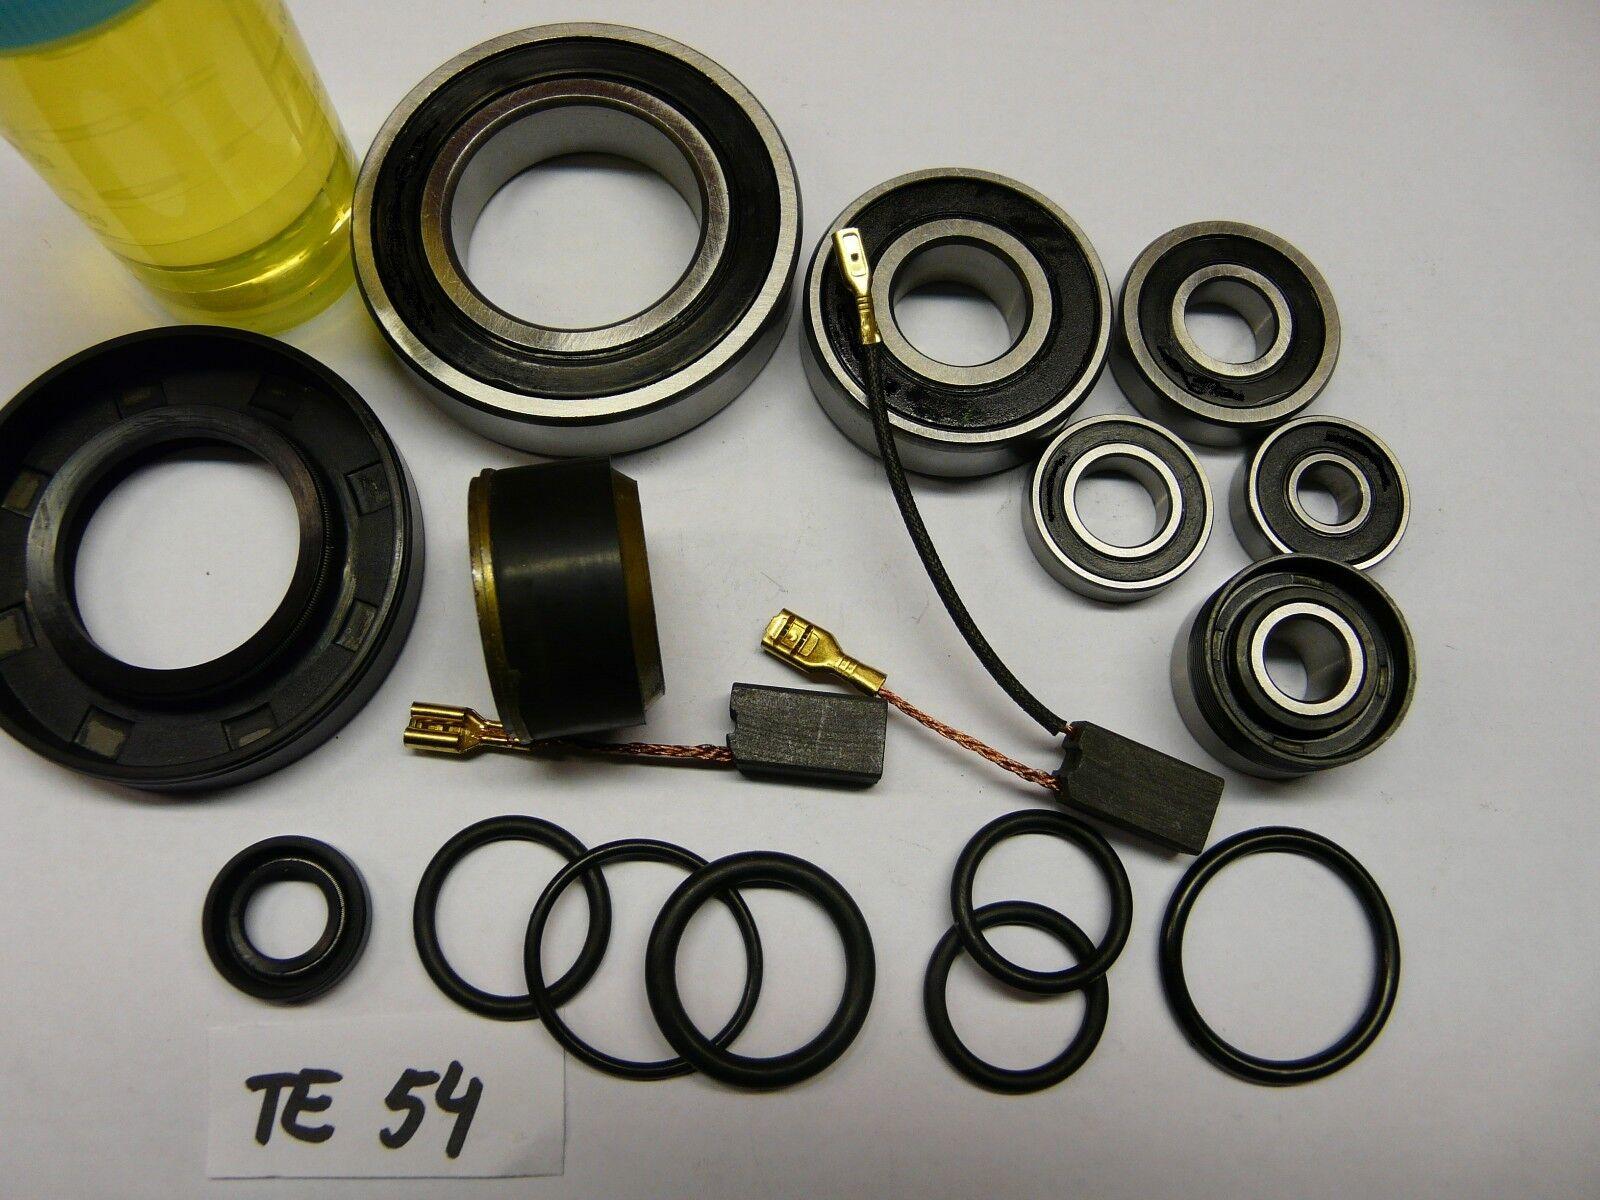 Hilti TE 54 , Reparatursatz, Verschleissteilesatz mit Dämpelement